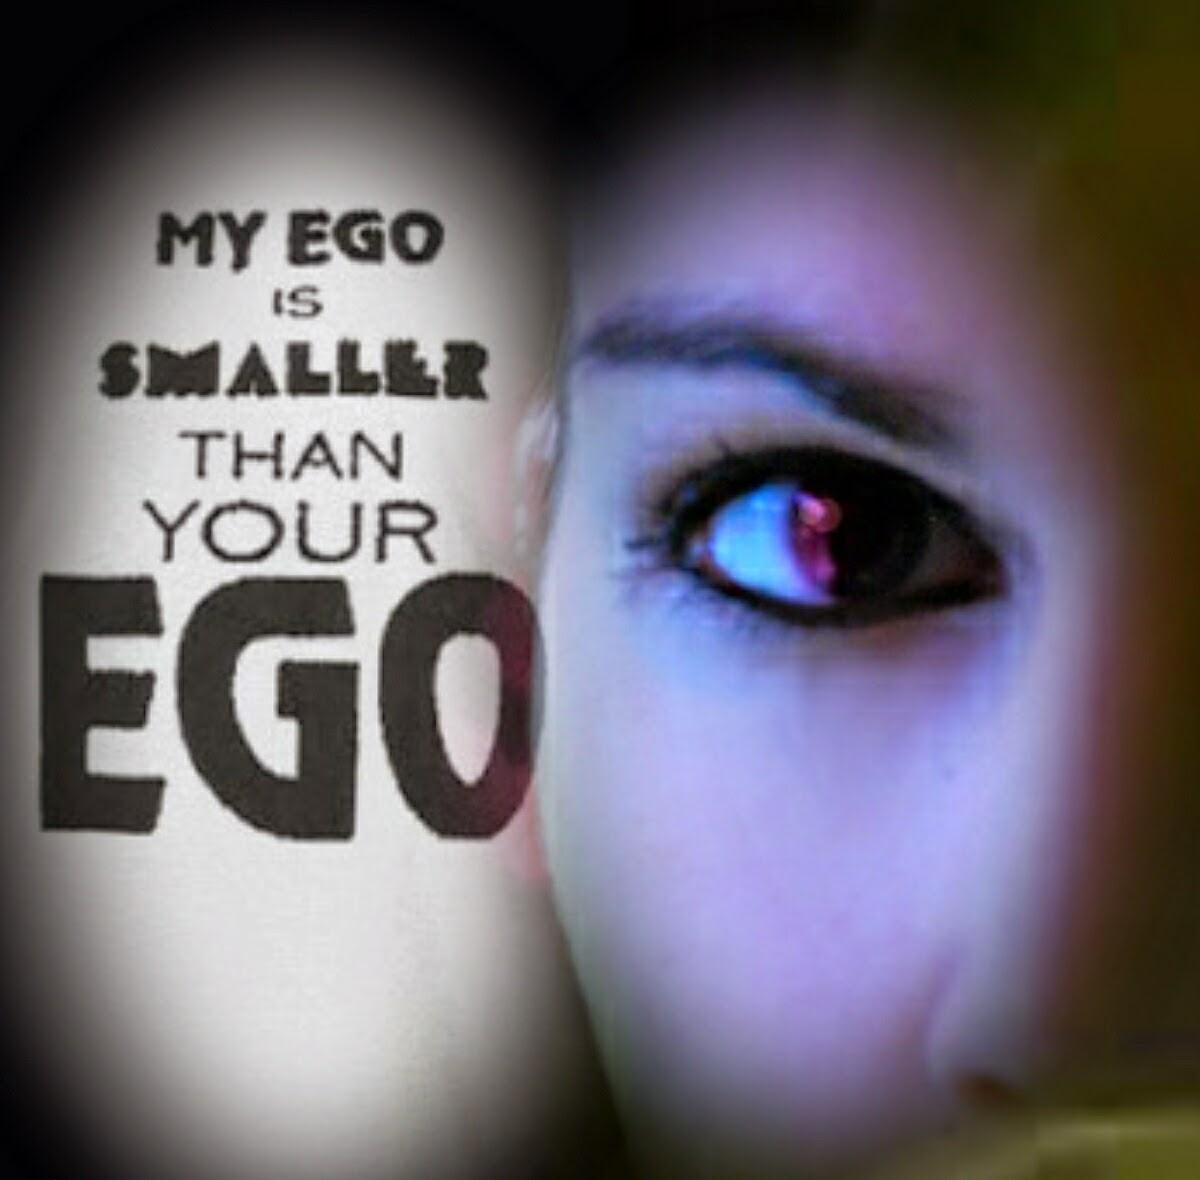 6 cara untuk mengatasi ego lelaki